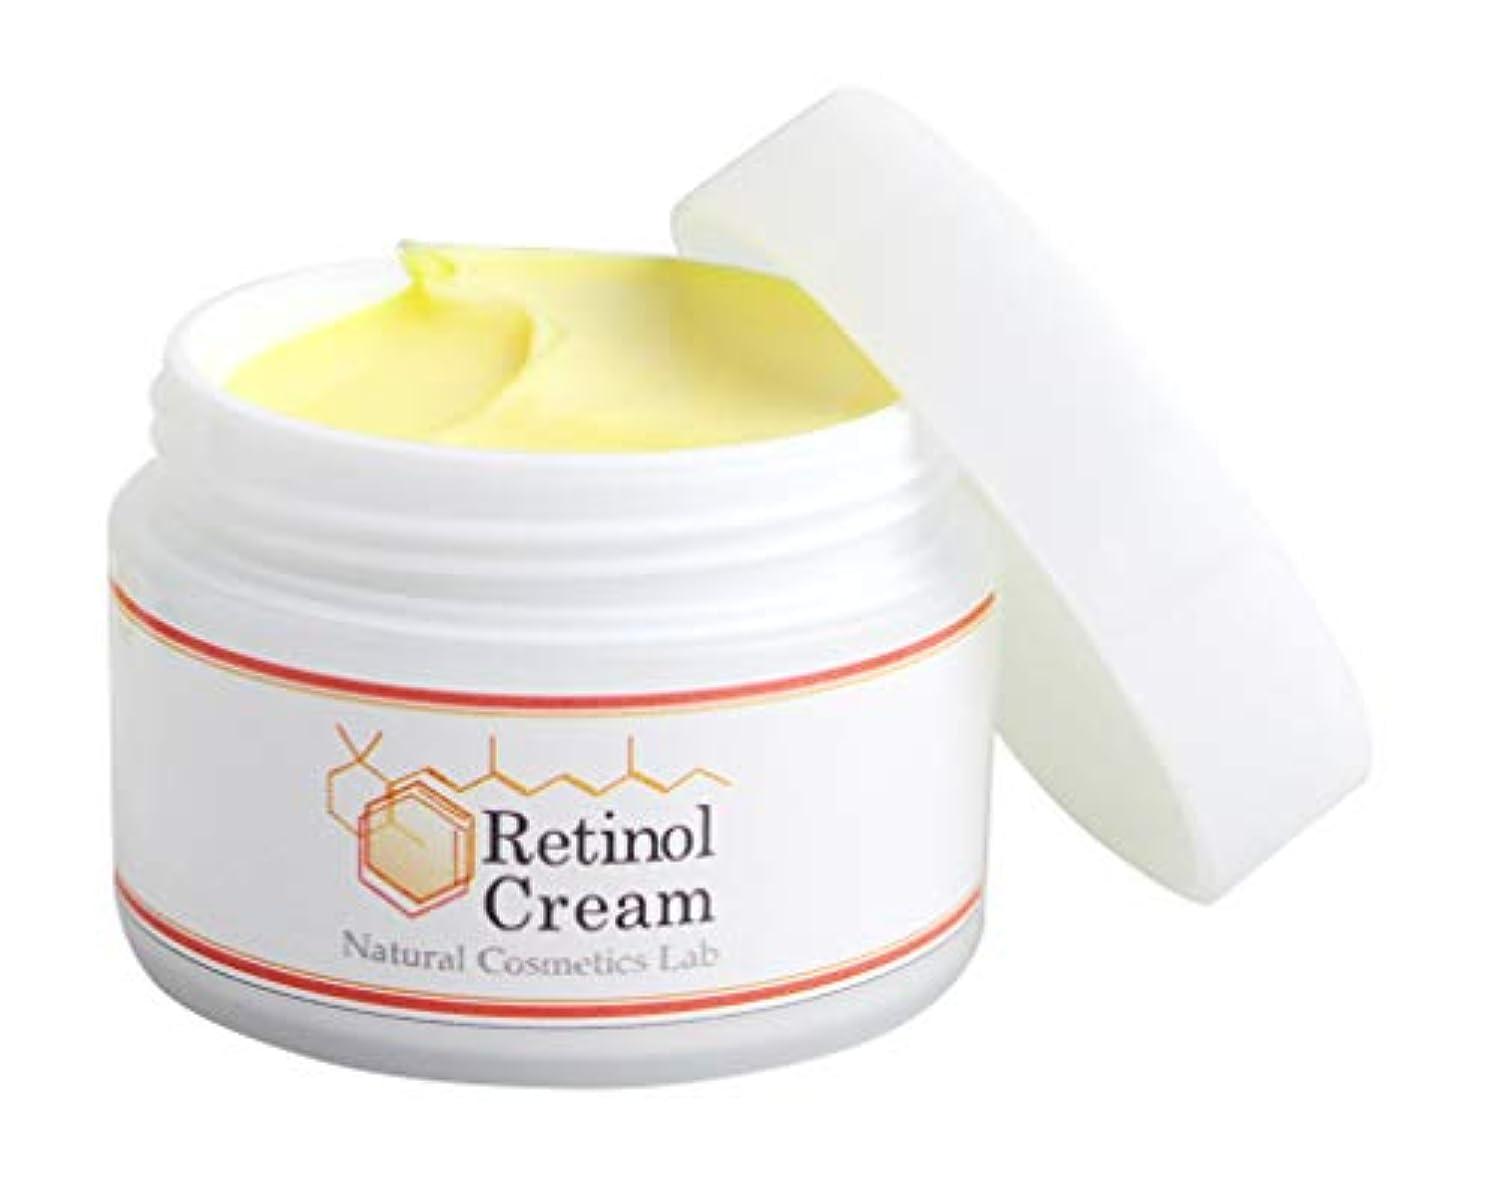 独裁反射健康的自然化粧品研究所 レチノールクリーム 35g